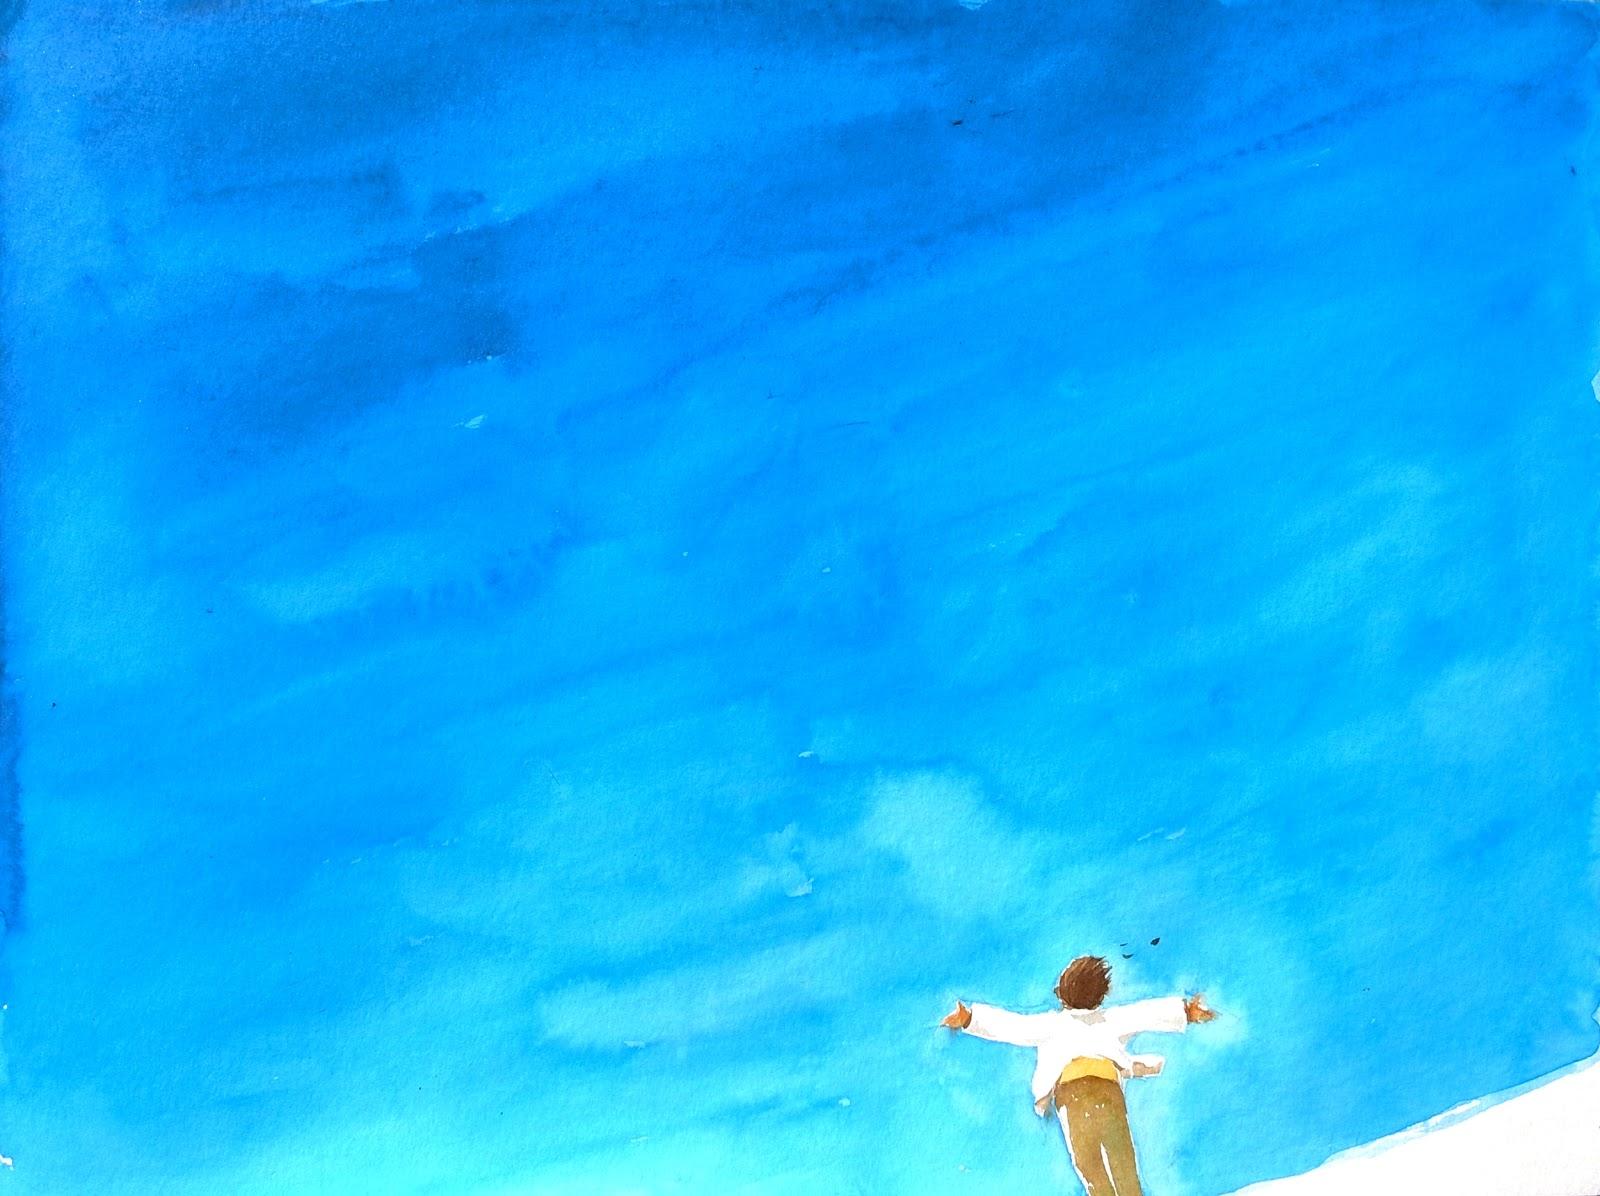 Dessin Ciel Bleu 5